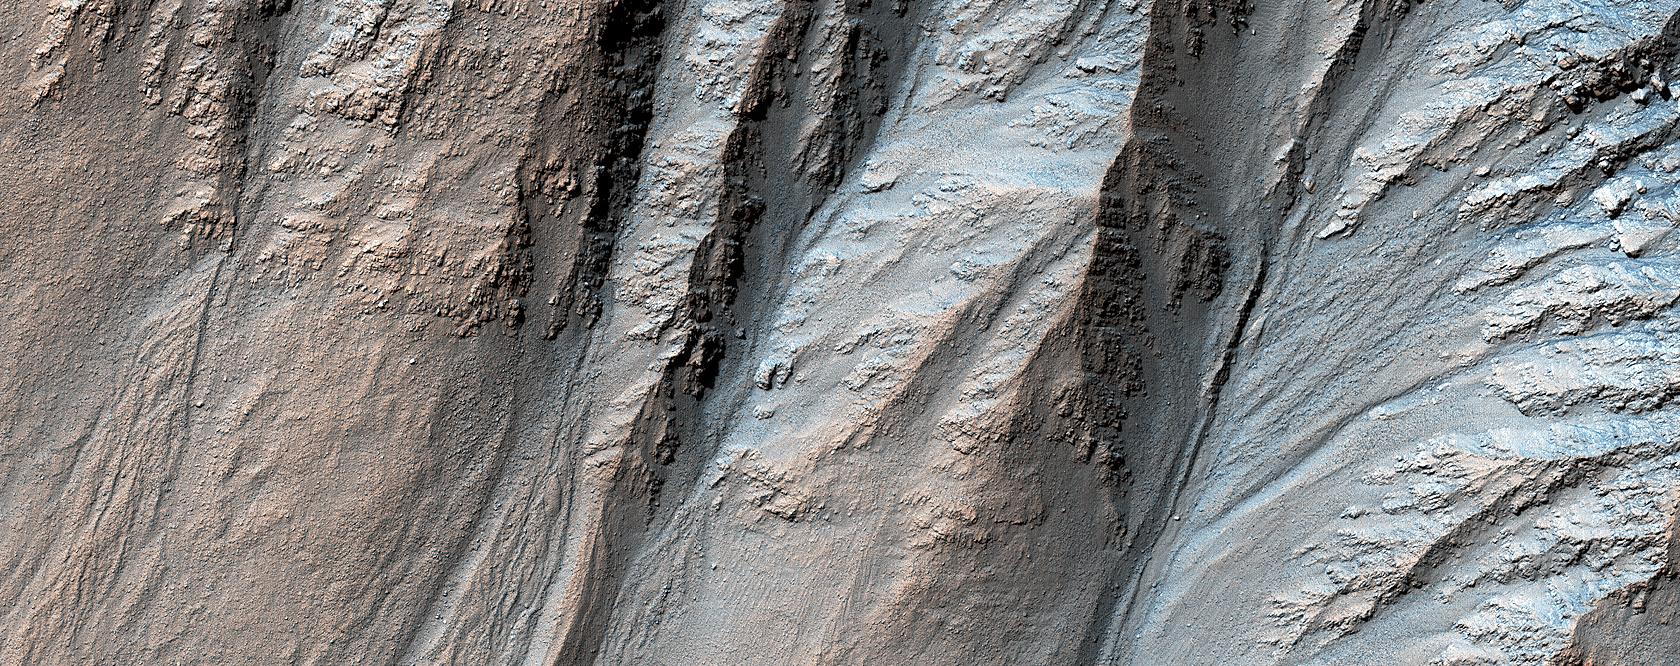 Complex Gullies in a Crater